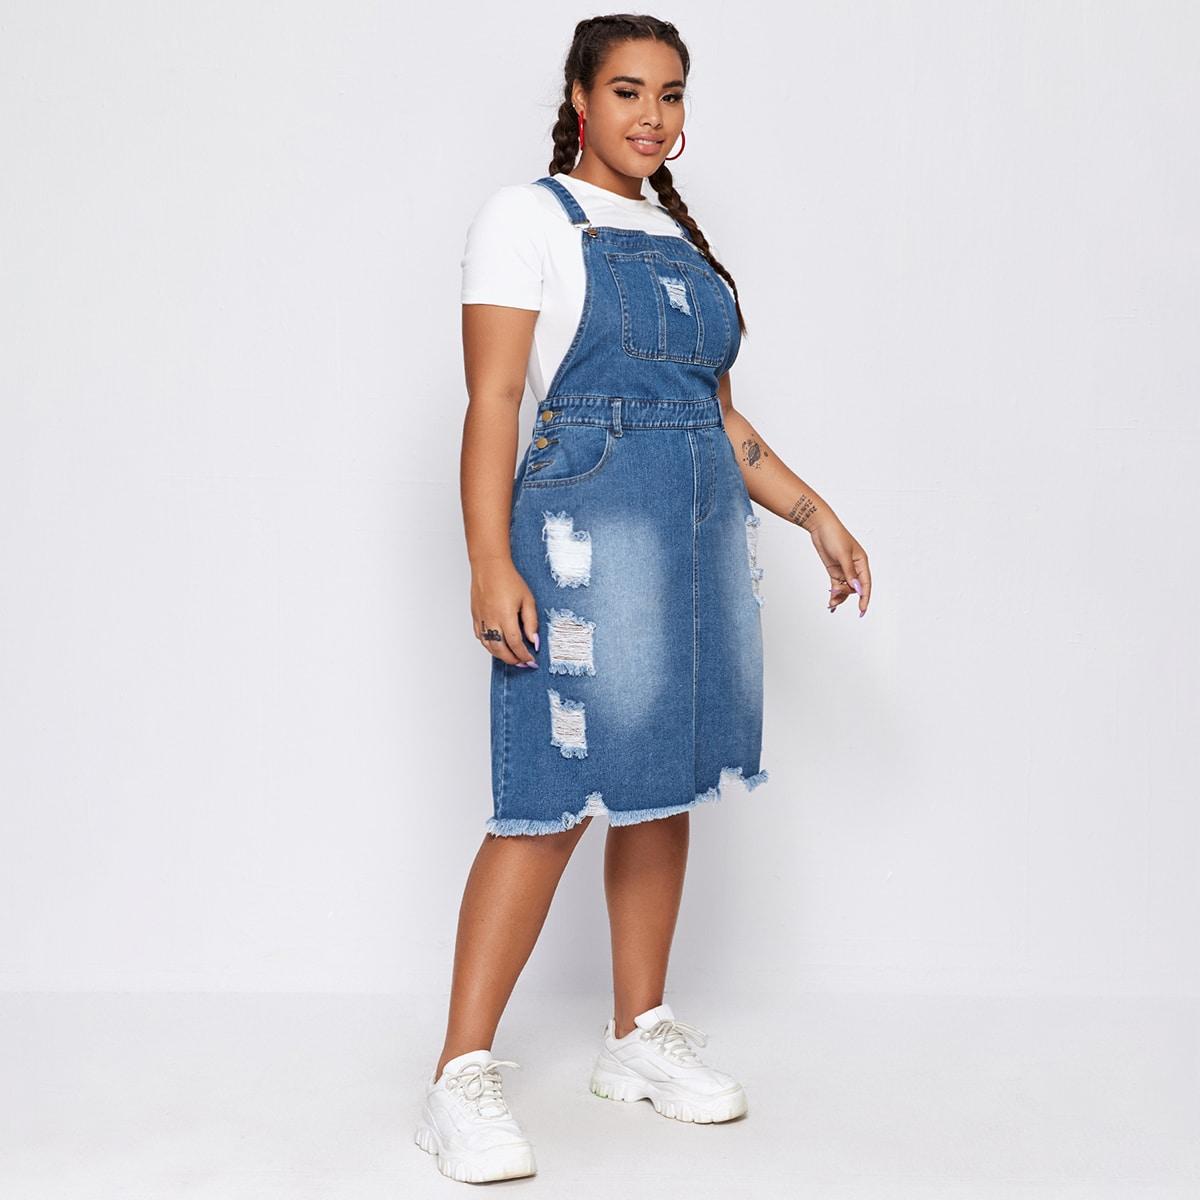 Рваное джинсовое платье-сарафан размера плюс